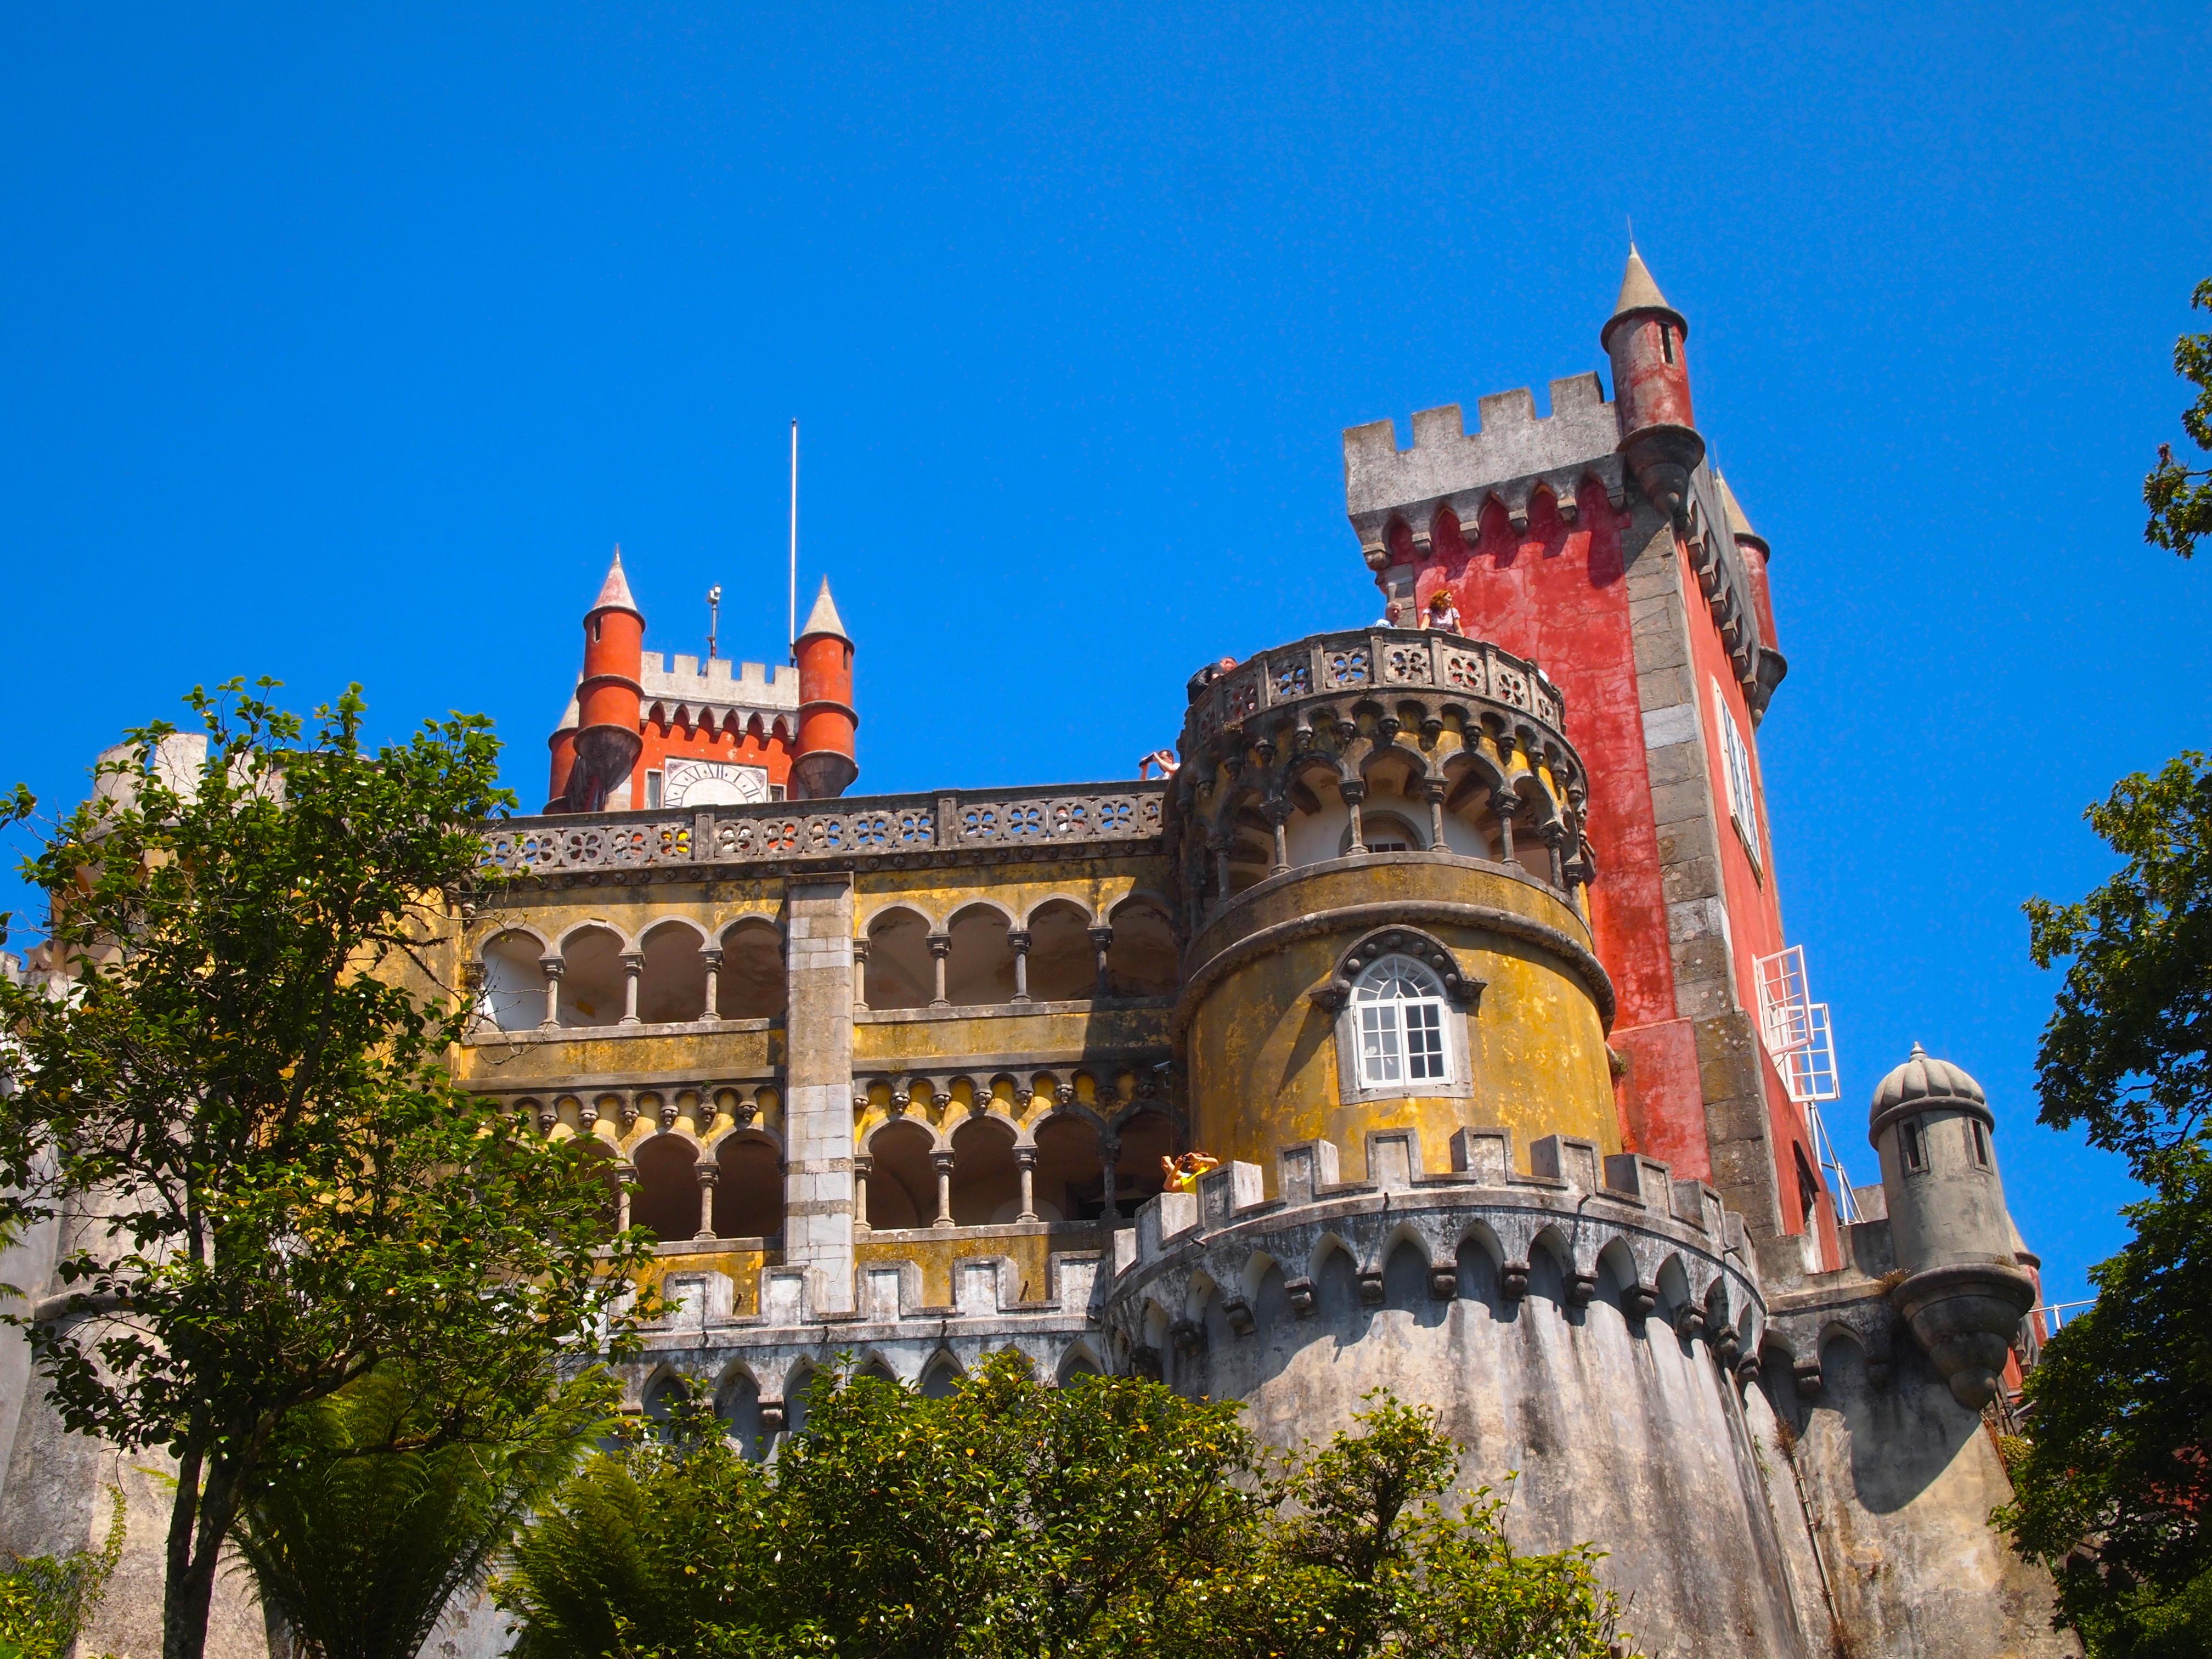 Nacional: Sintra: Palácio Nacional Da Pena